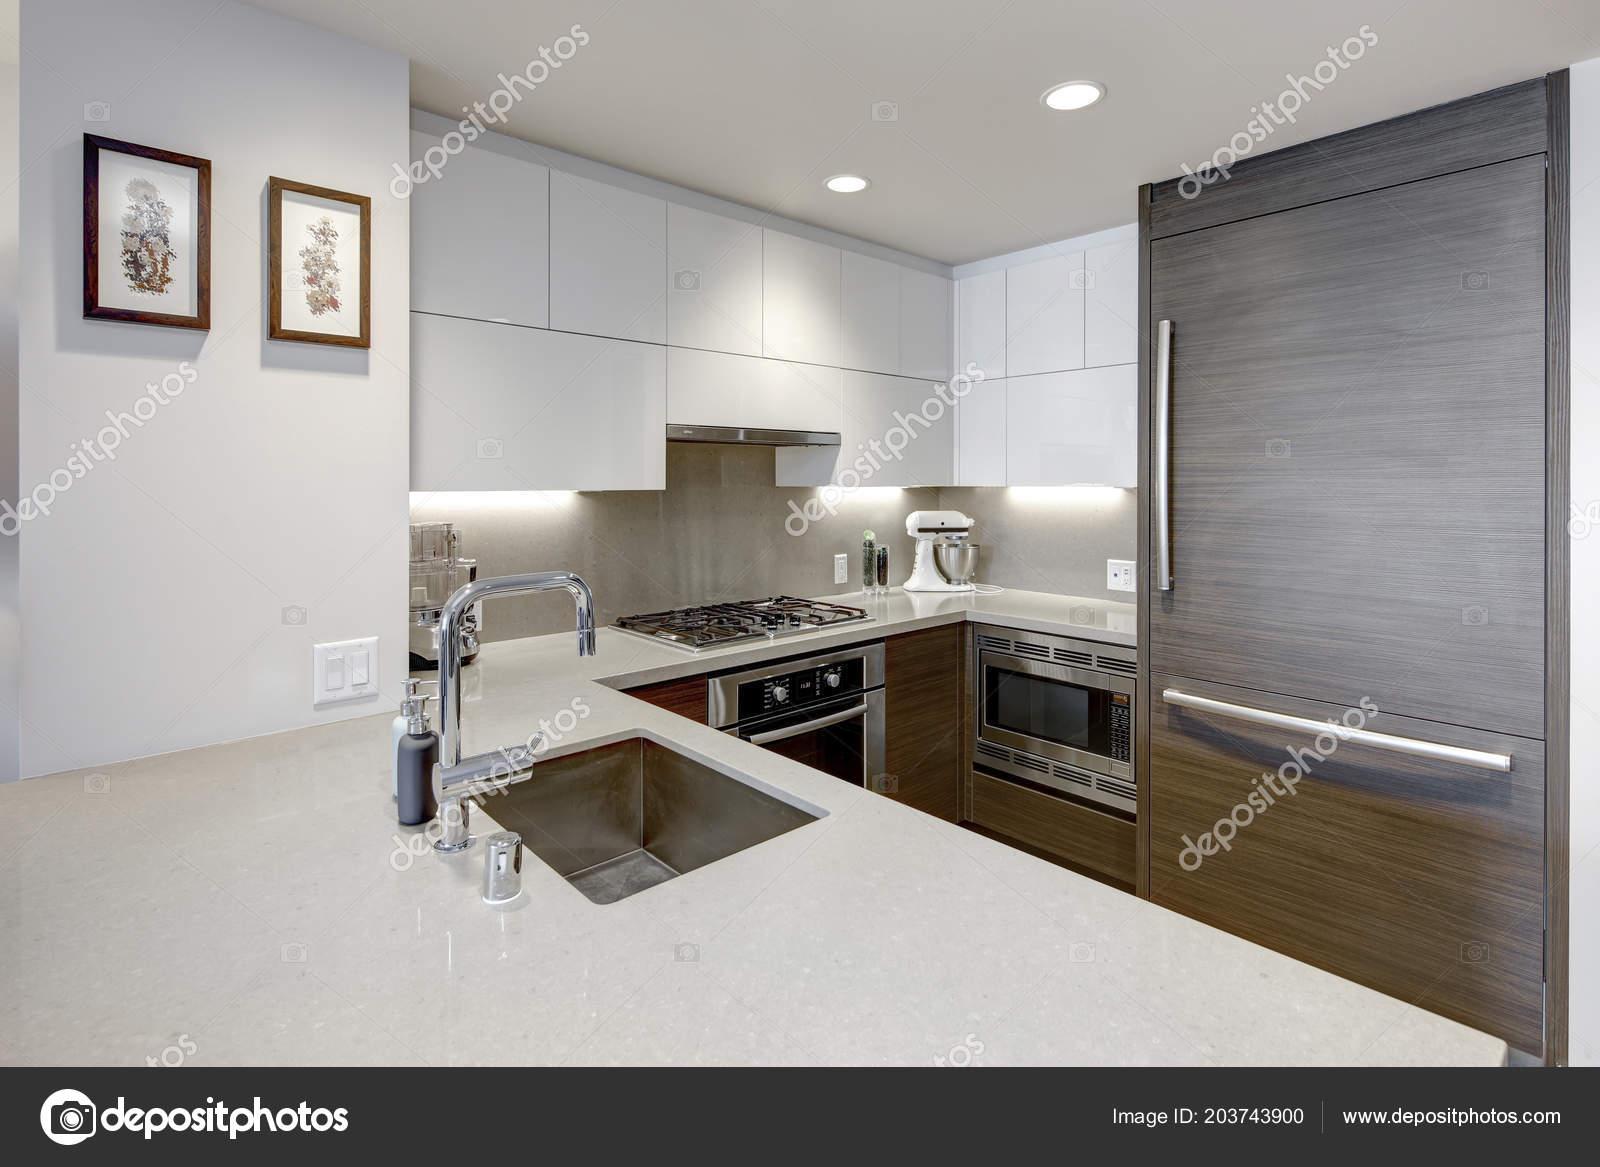 Interno Del Grattacielo Appartamento Dispone Cucina Stile Moderno ...